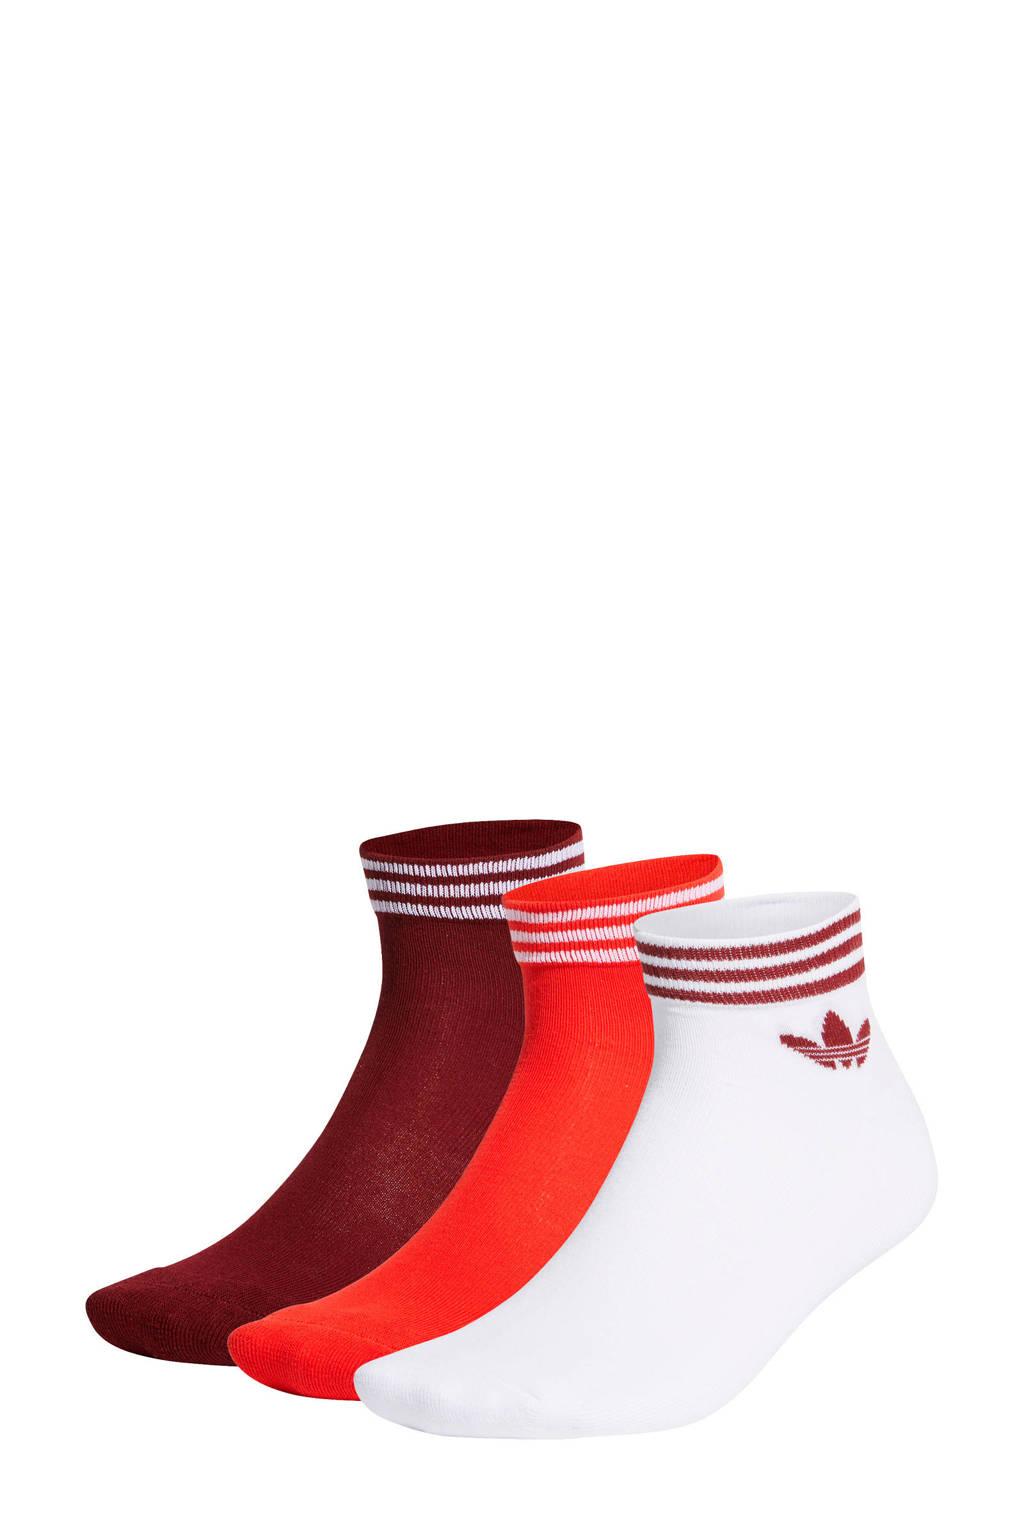 adidas Originals   Adicolor enkelsokken (set van 3) rood, Zwart/wit/rood